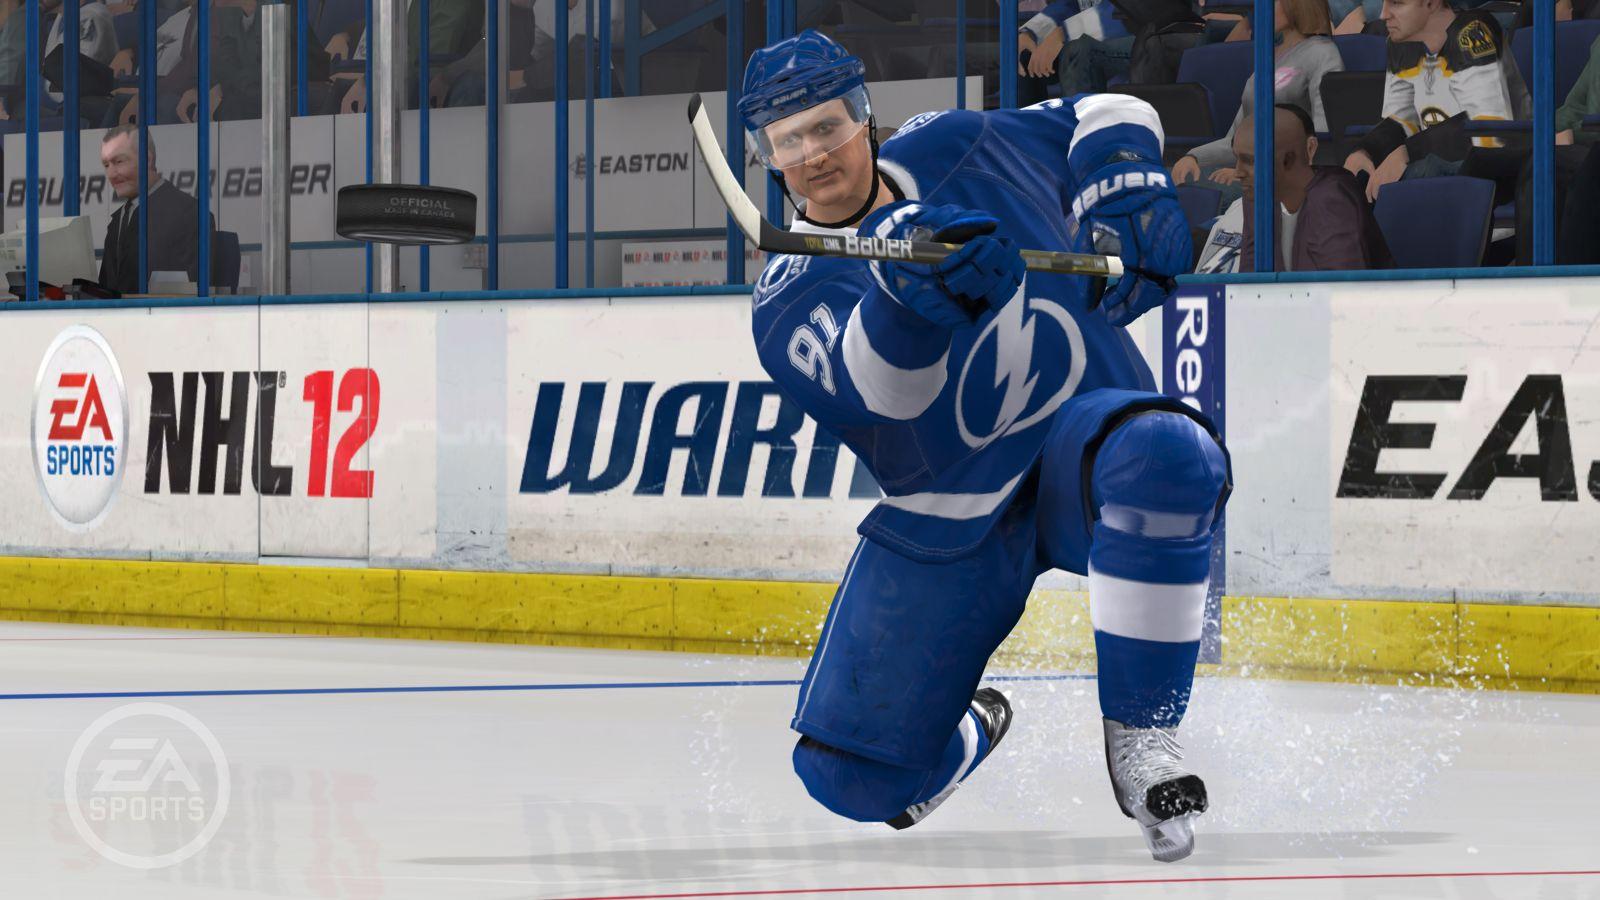 Tváří NHL 12 je Steven Stamkos 45415